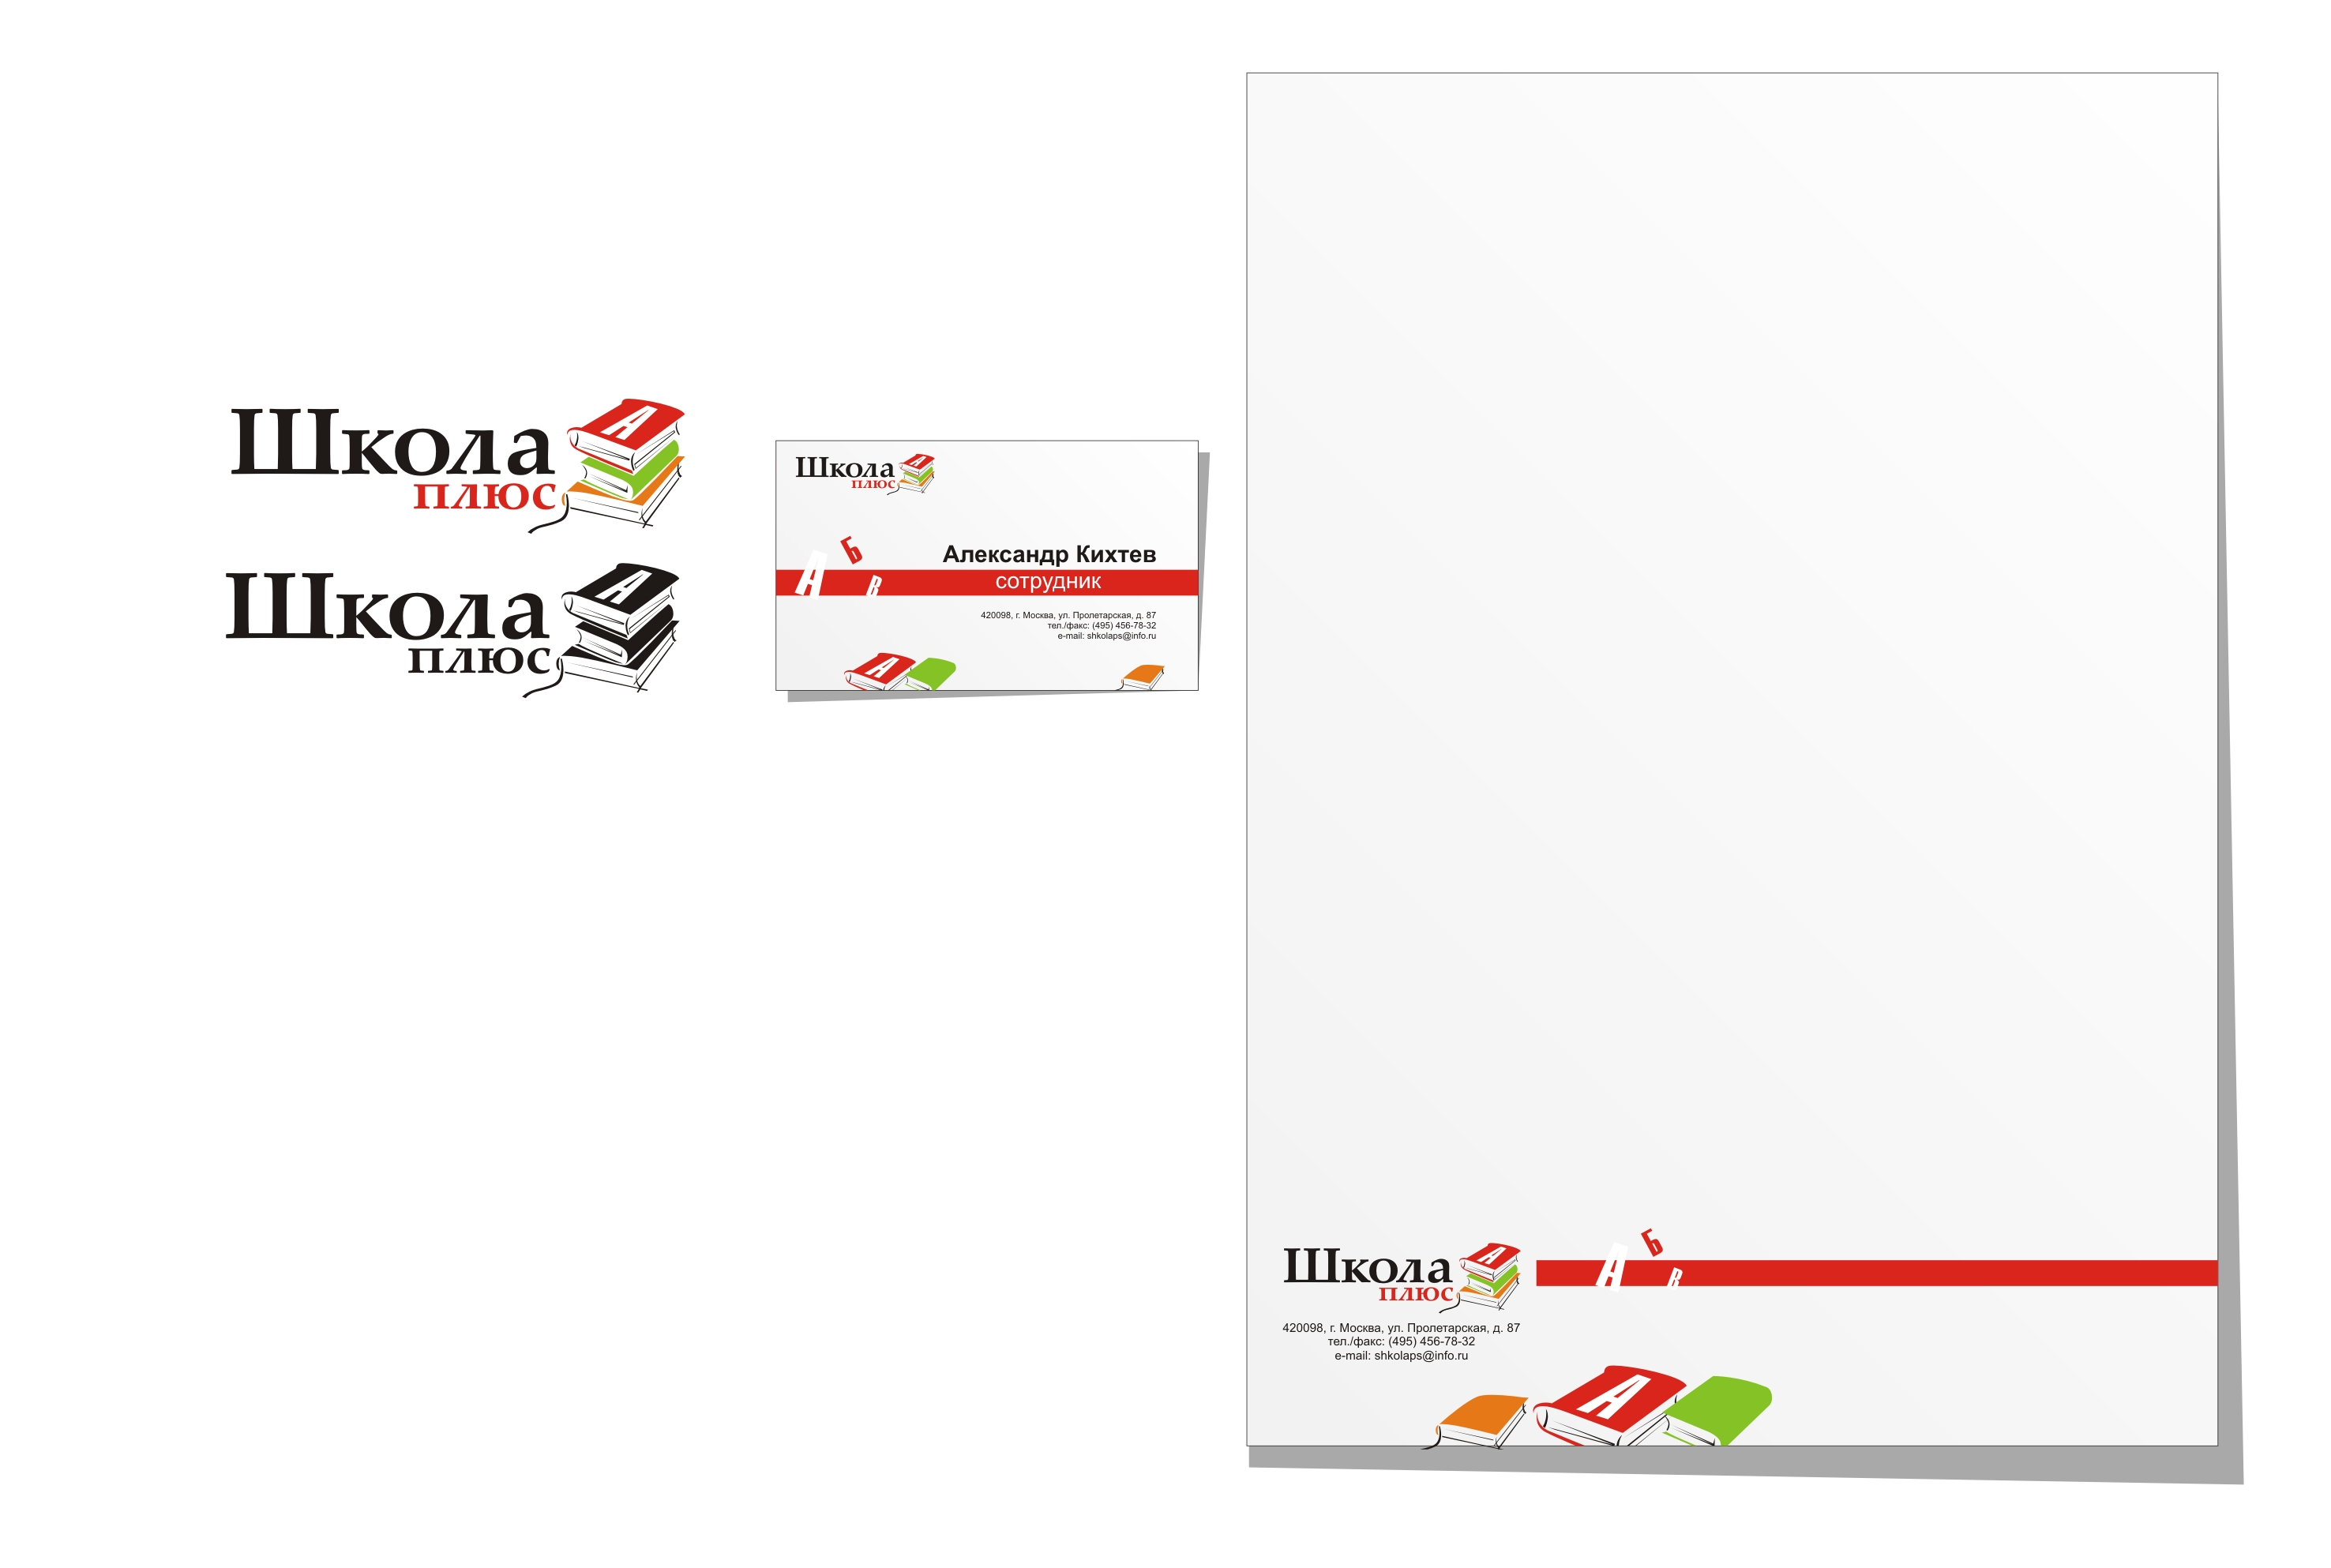 Разработка логотипа и пары элементов фирменного стиля фото f_4dad4e38caf9a.jpg